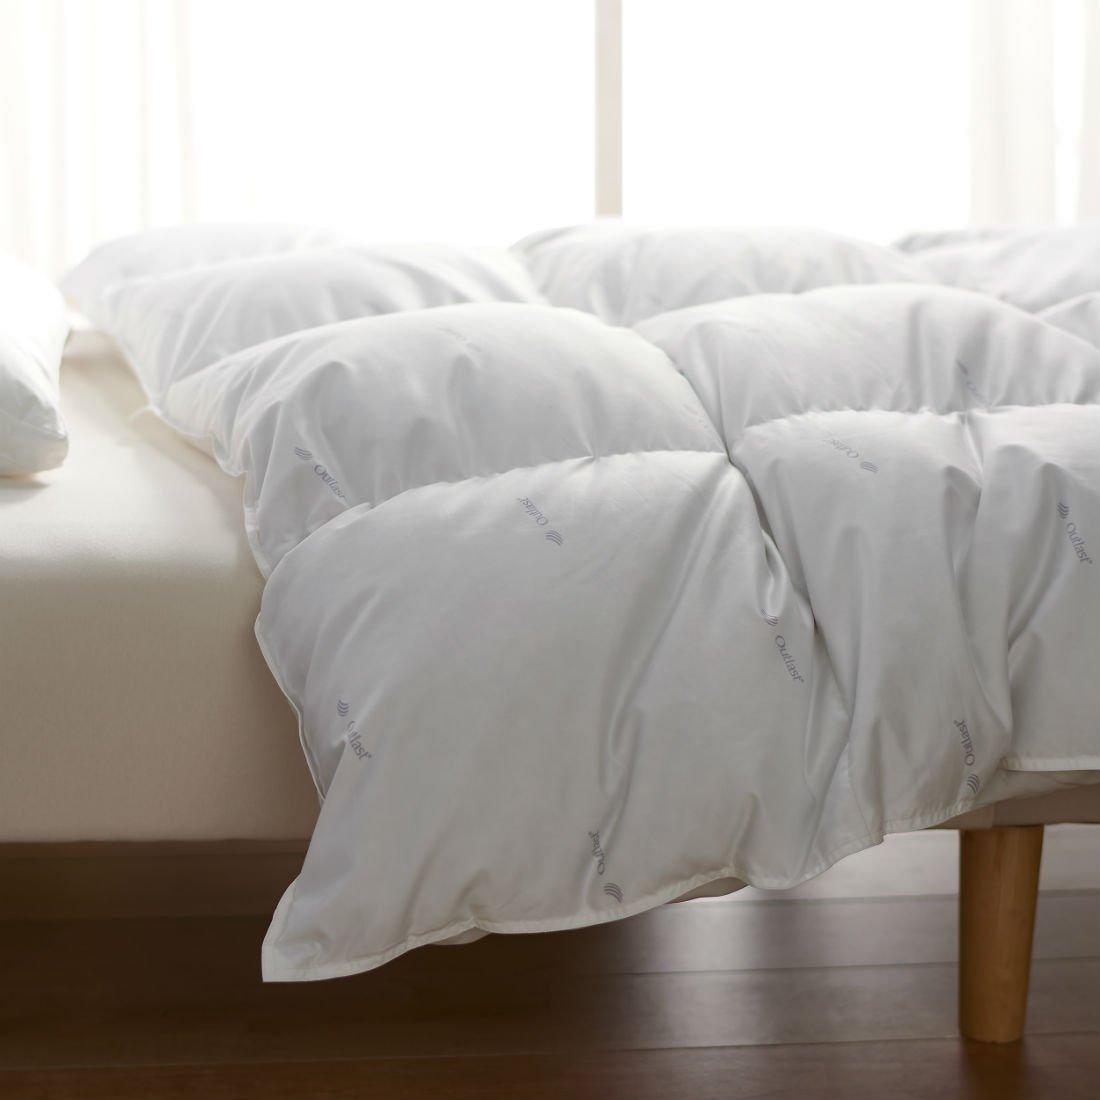 暮らしのデザインアウトラスト温度調節生地 羽毛布団肌掛け ダブル B071JBBH3H